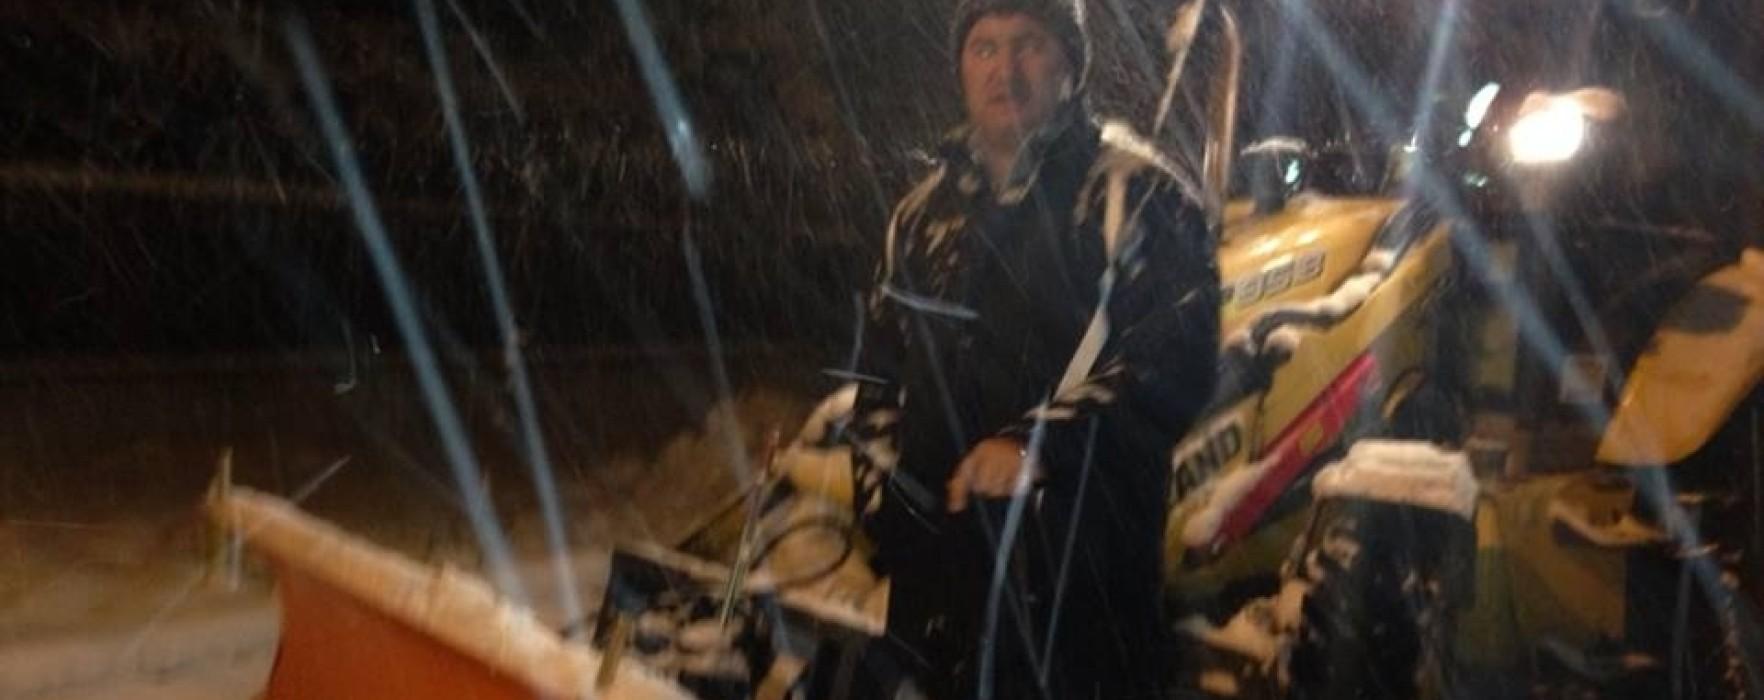 Cei blocaţi în tren la Titu, ajutaţi de primărie să ajungă la Bucureşti